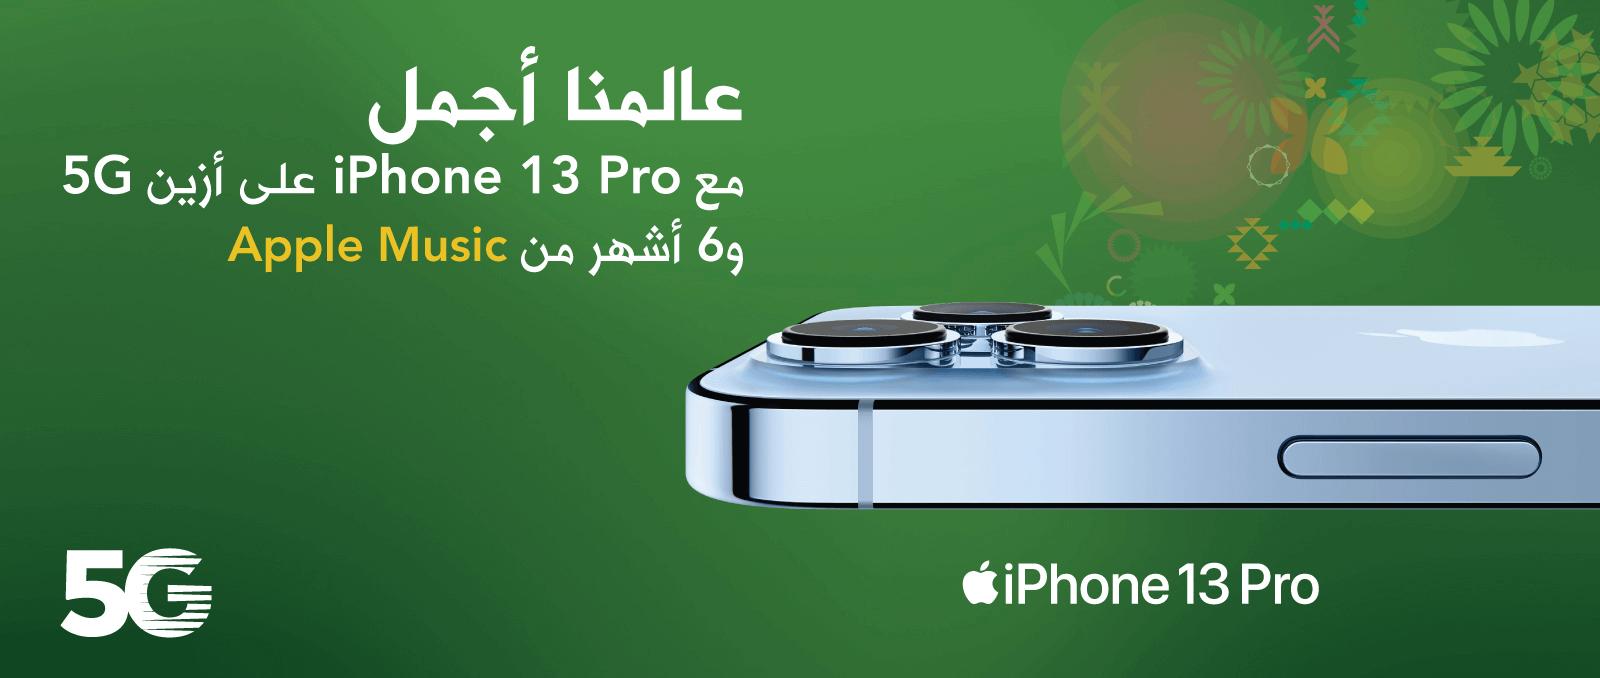 web-IPHONE-13-Pro-1600×678-1